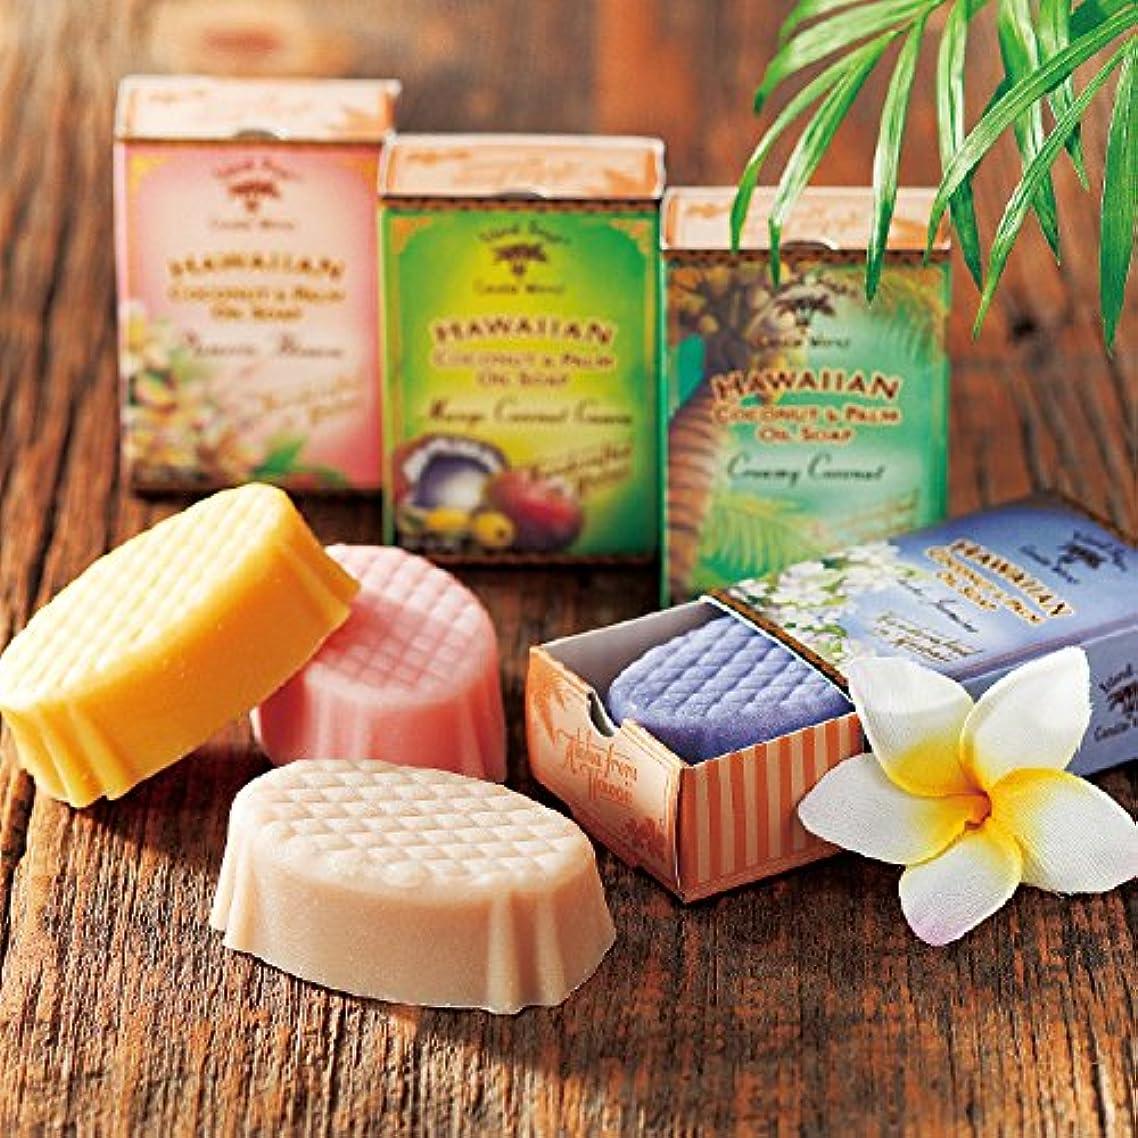 文化ダーツコントラスト[ハワイお土産] アイランドソープ ココナッツソープ 4種セット (海外 みやげ ハワイ 土産)